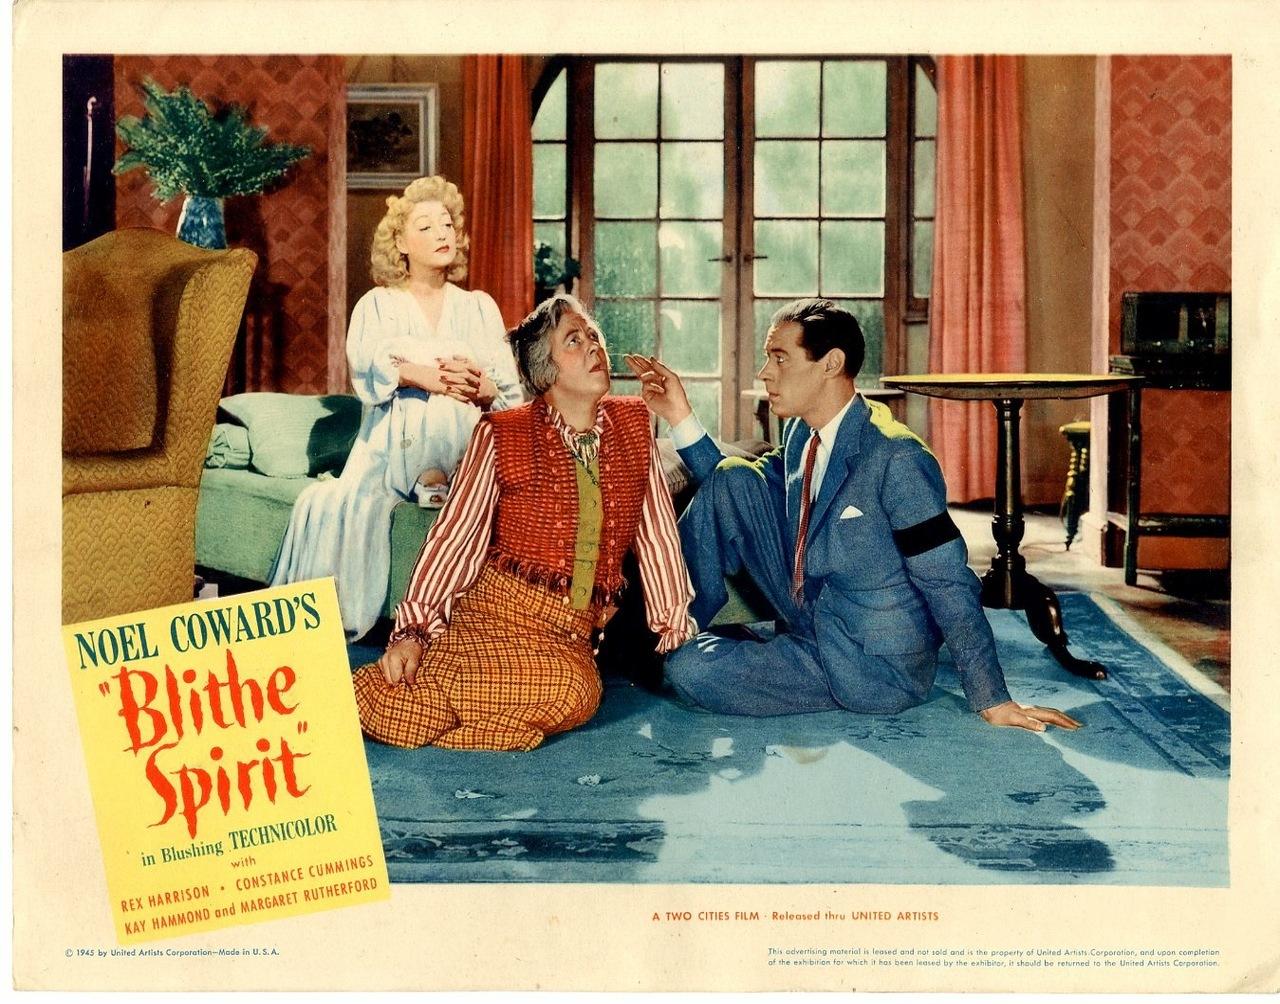 """Poster for the film version of """"Blithe Spirit"""", starring Rex Harrison."""